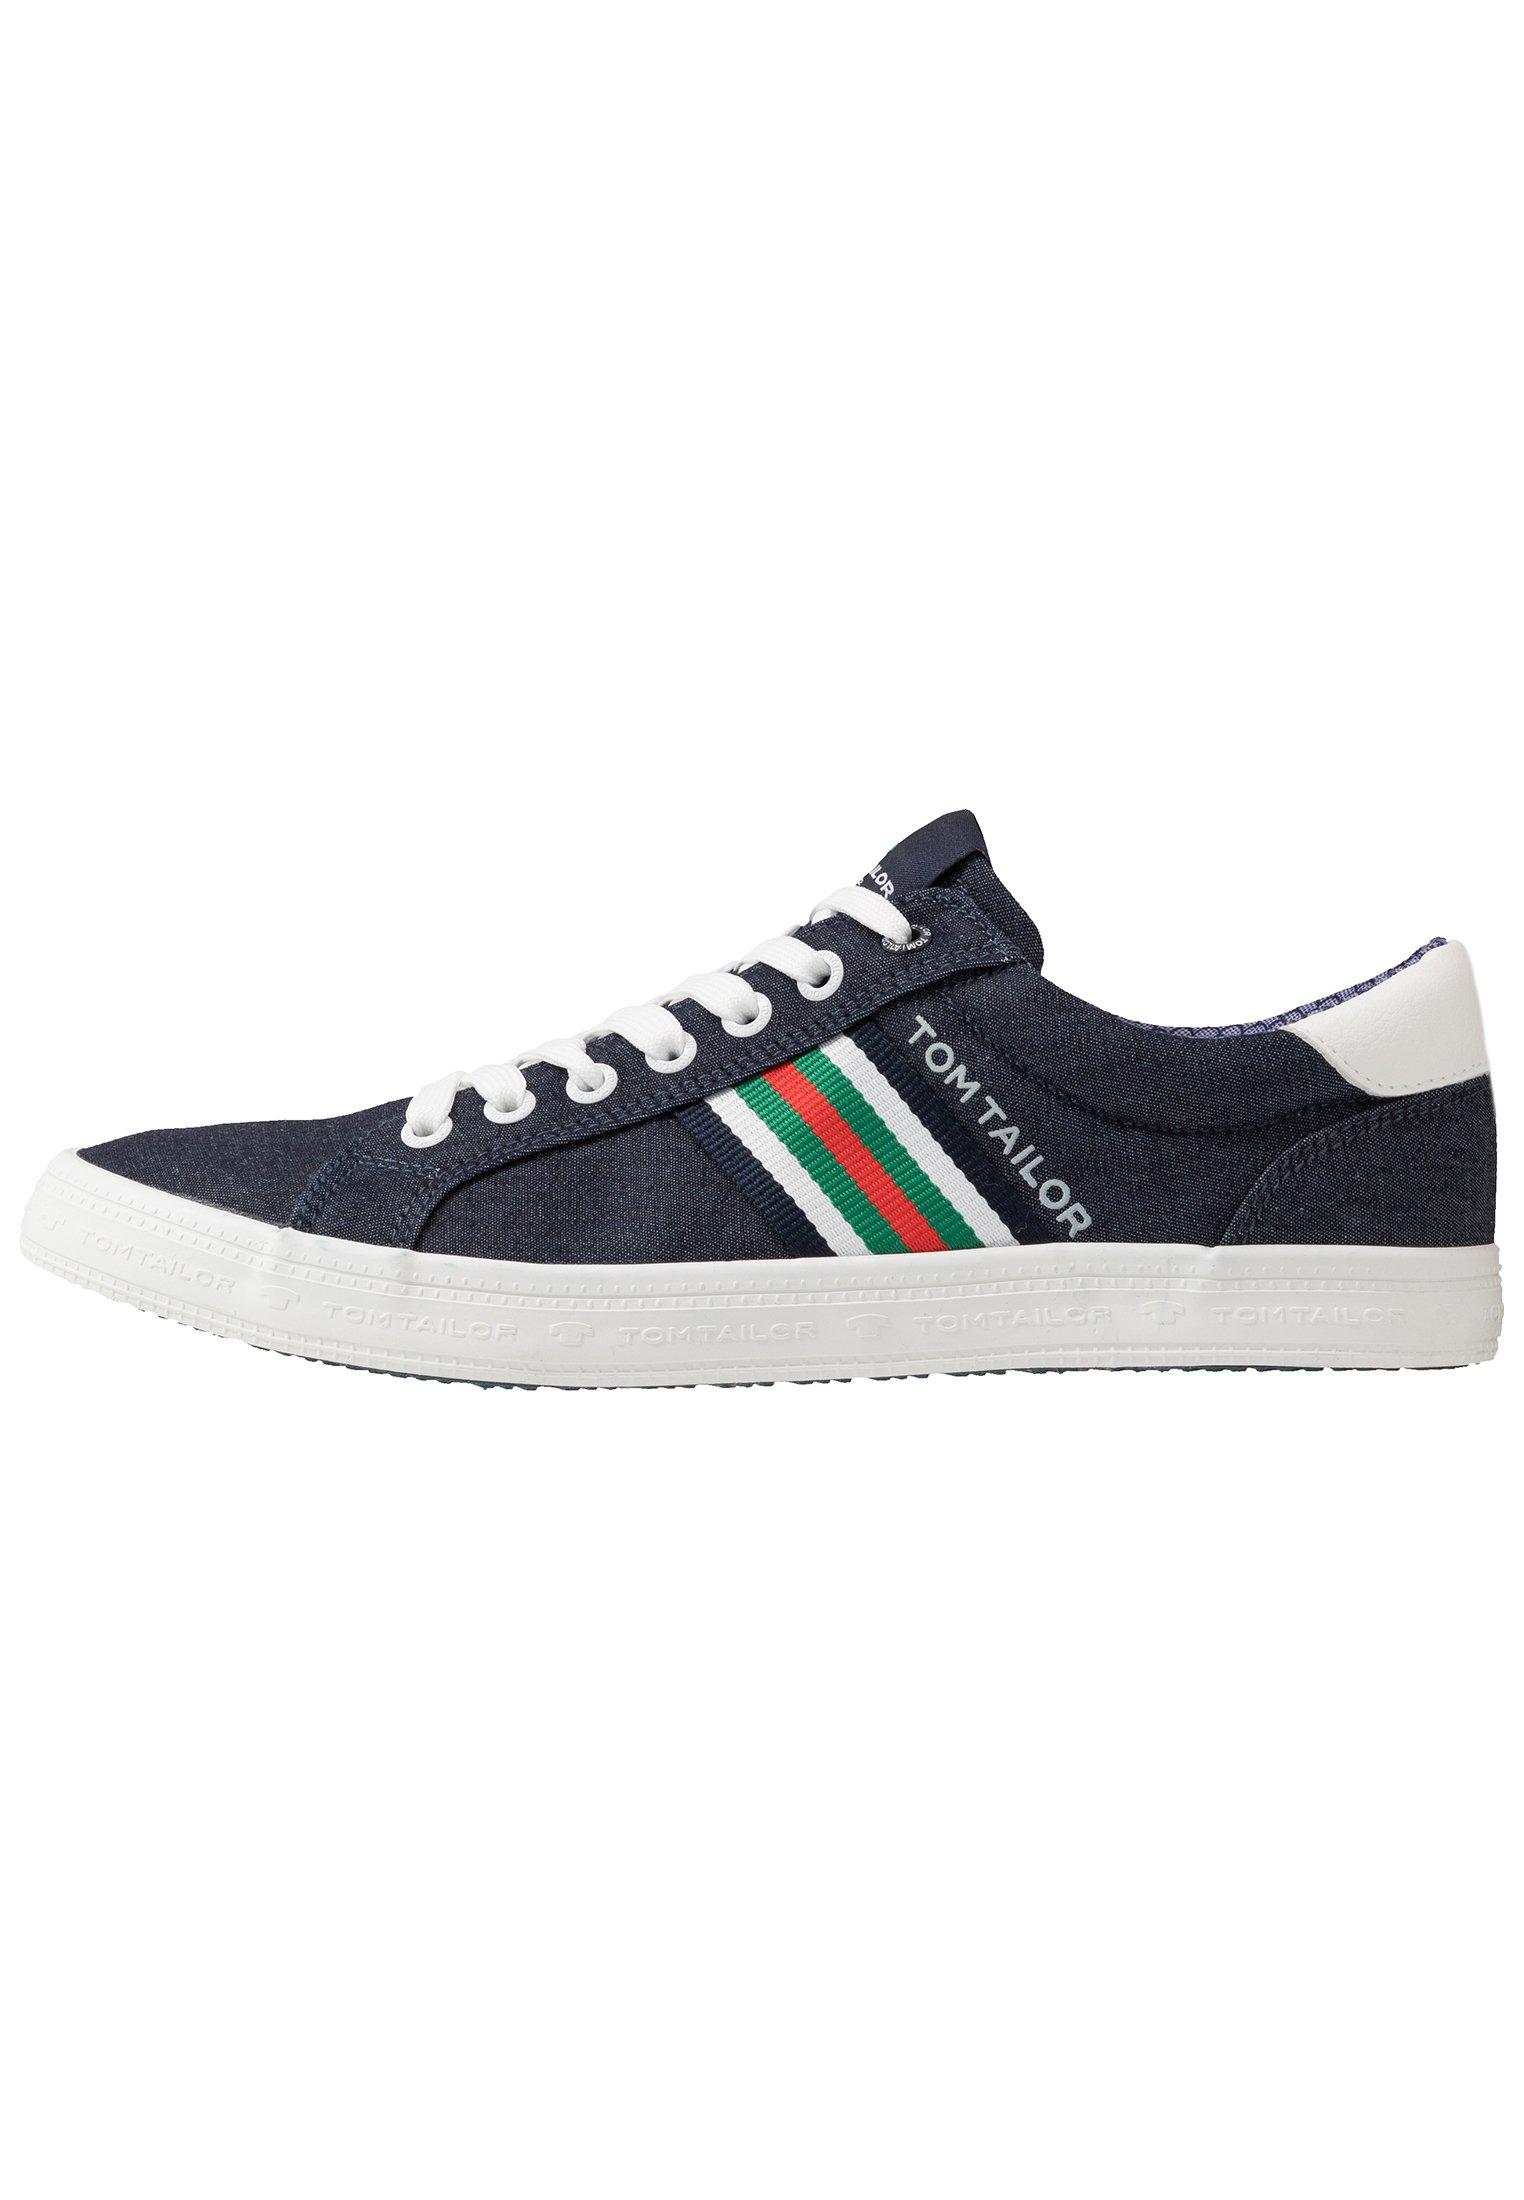 Sneakers basse da uomo TOM TAILOR | La collezione su Zalando